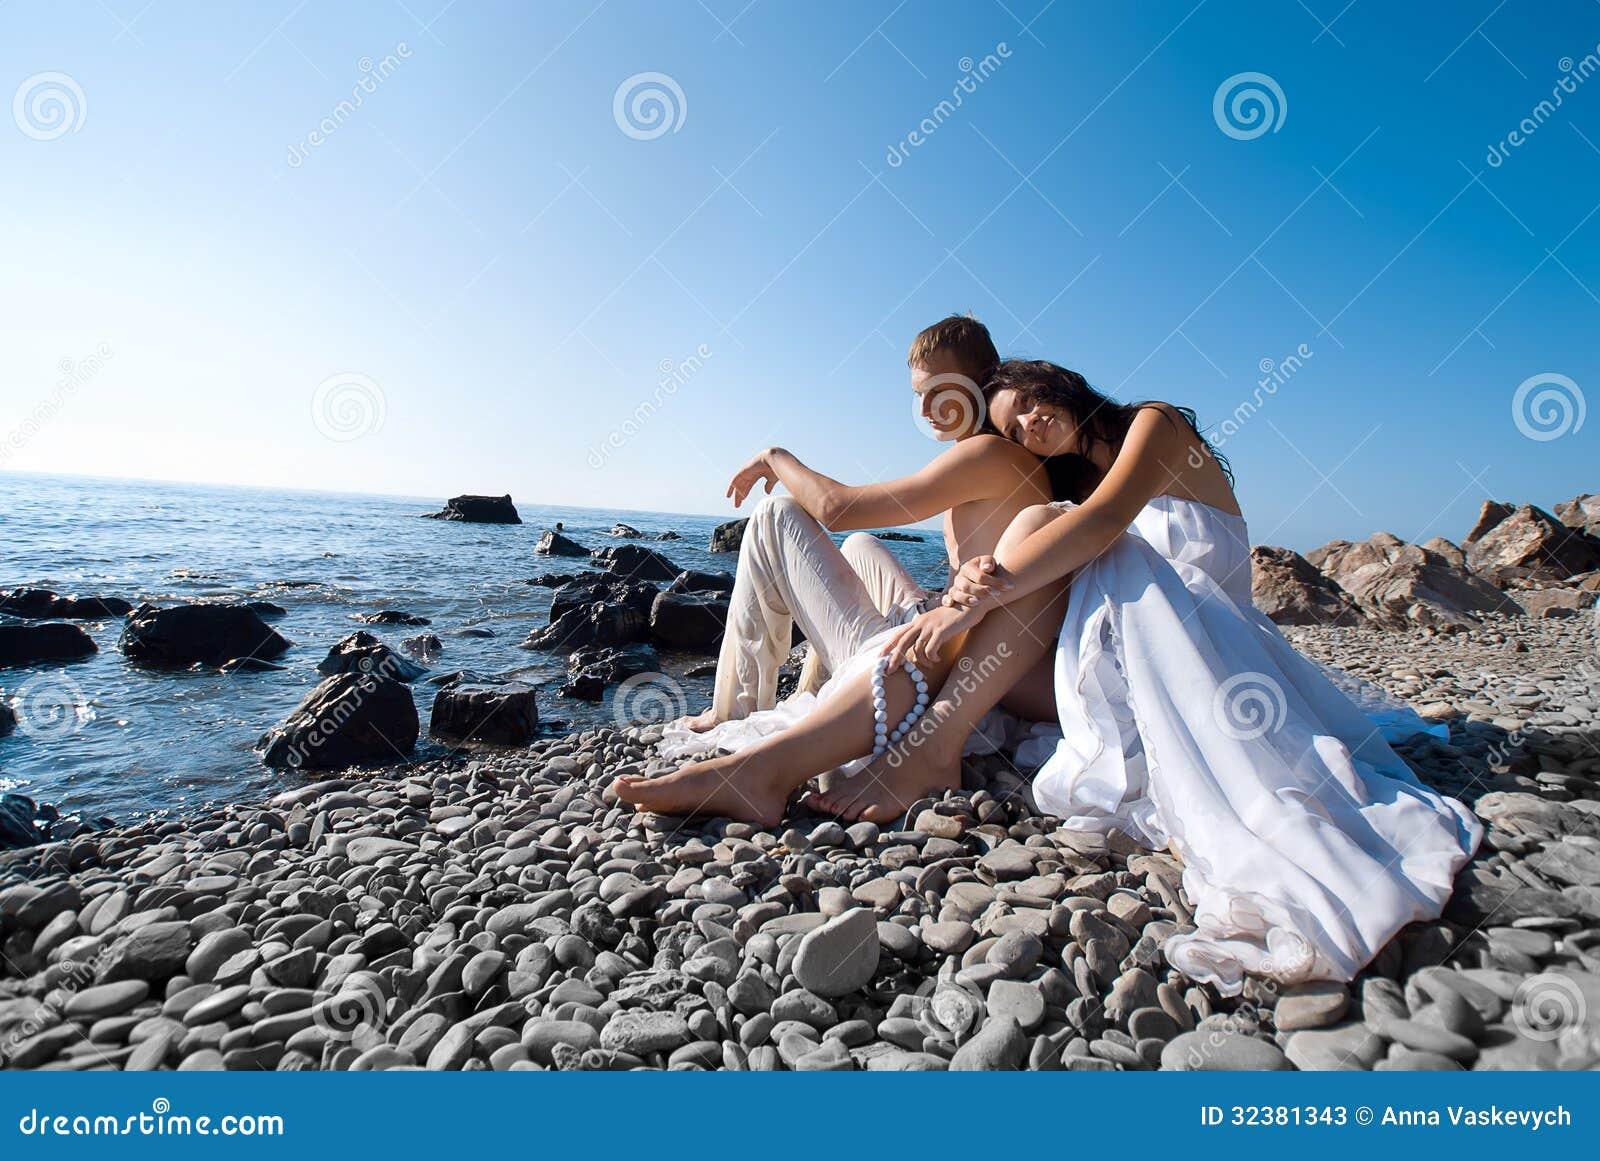 Νύφη και νεόνυμφος στην παραλία